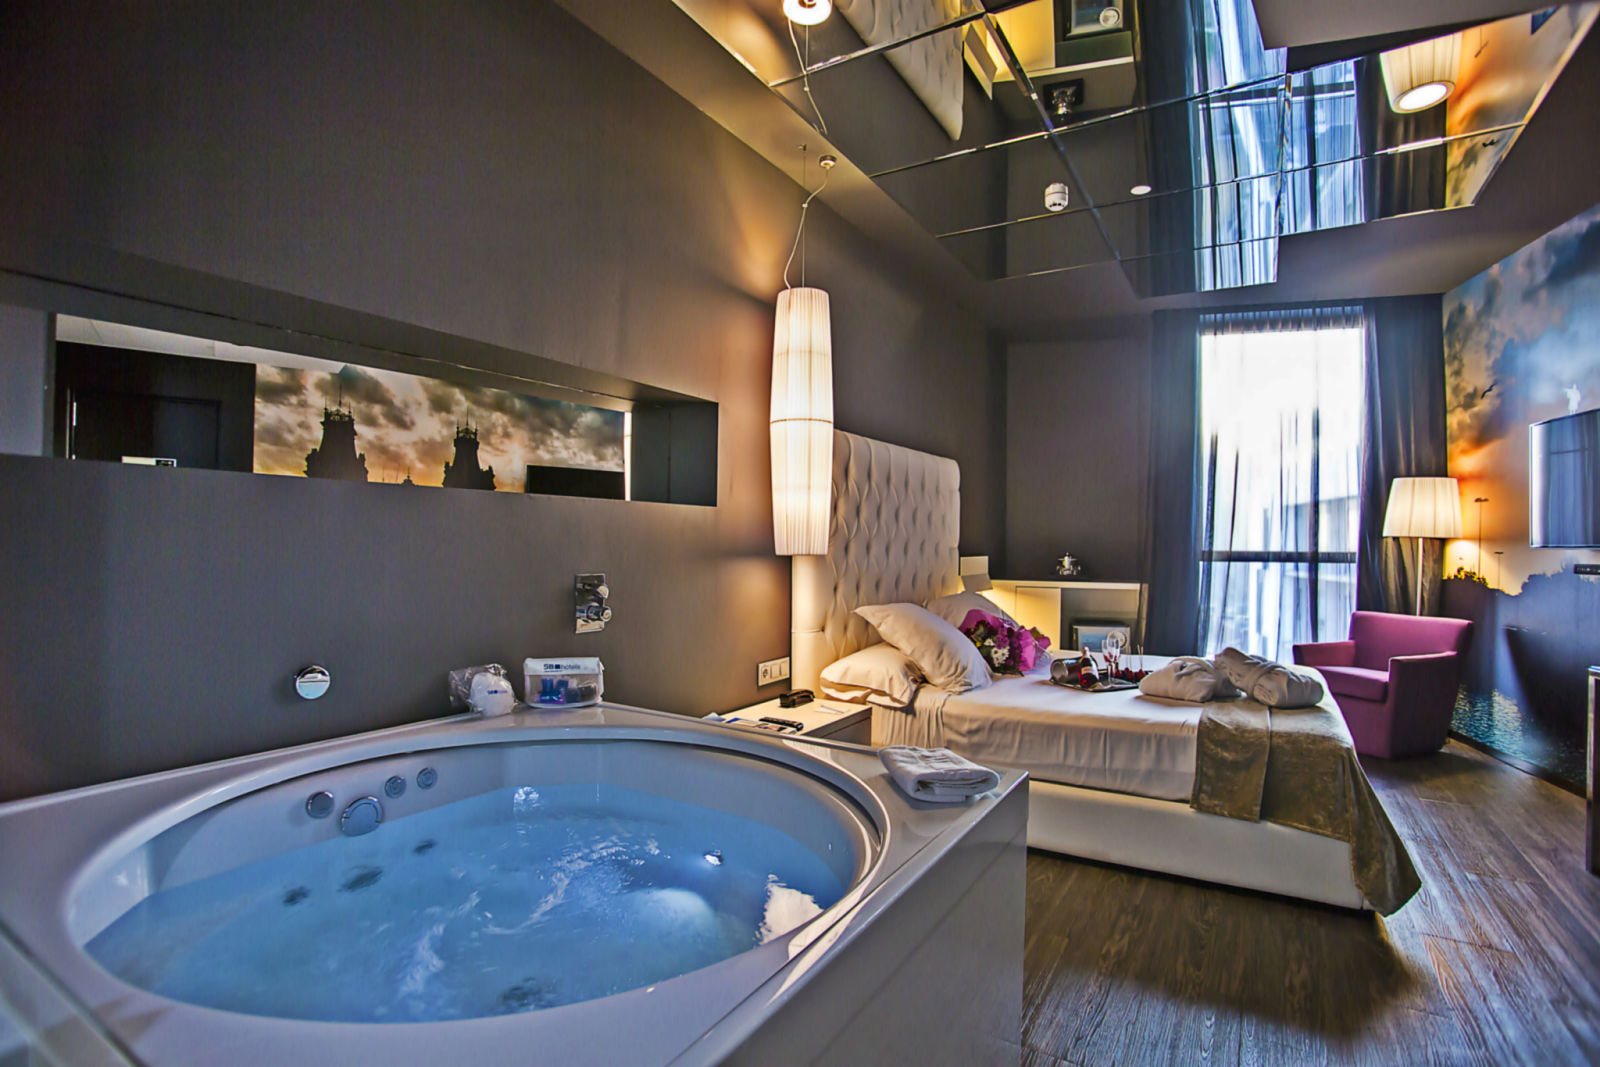 Hoteles con jacuzzi en barcelona shbarcelona diario de for Hoteles con jacuzzi en la habitacion